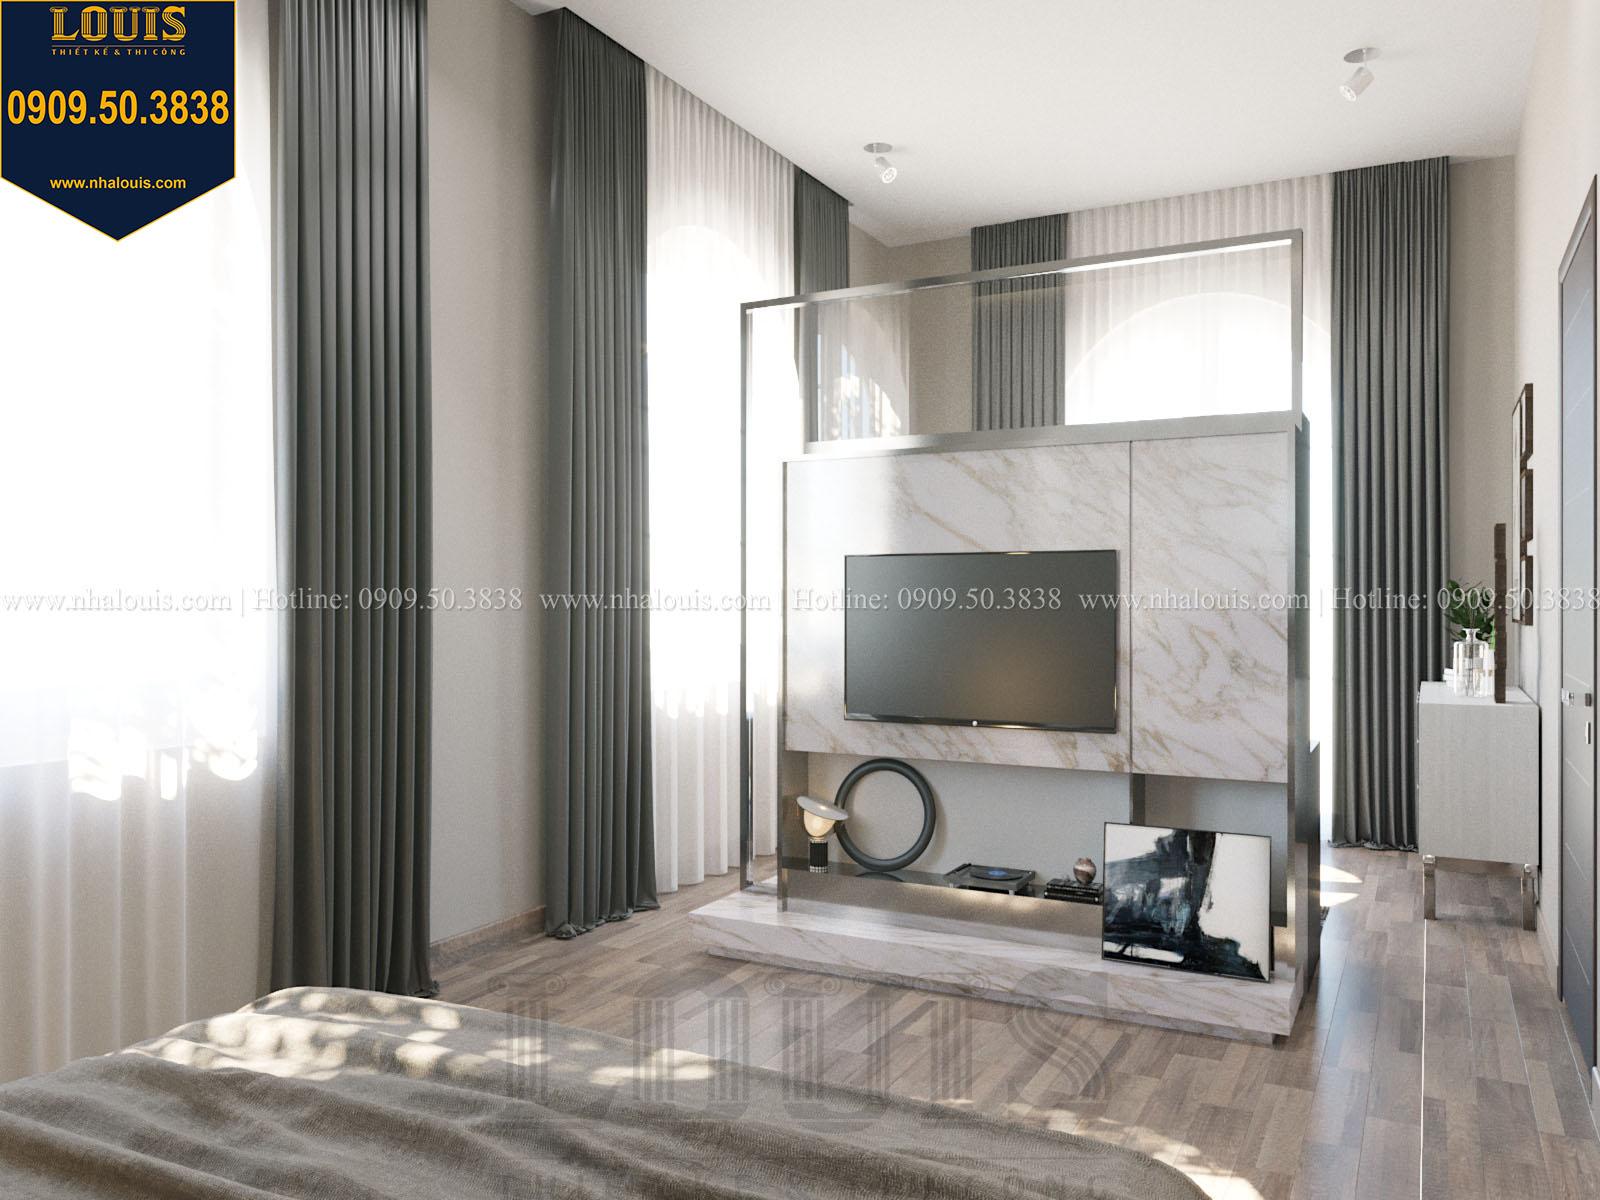 Phòng ngủ biệt thự 2 tầng đẹp - 039